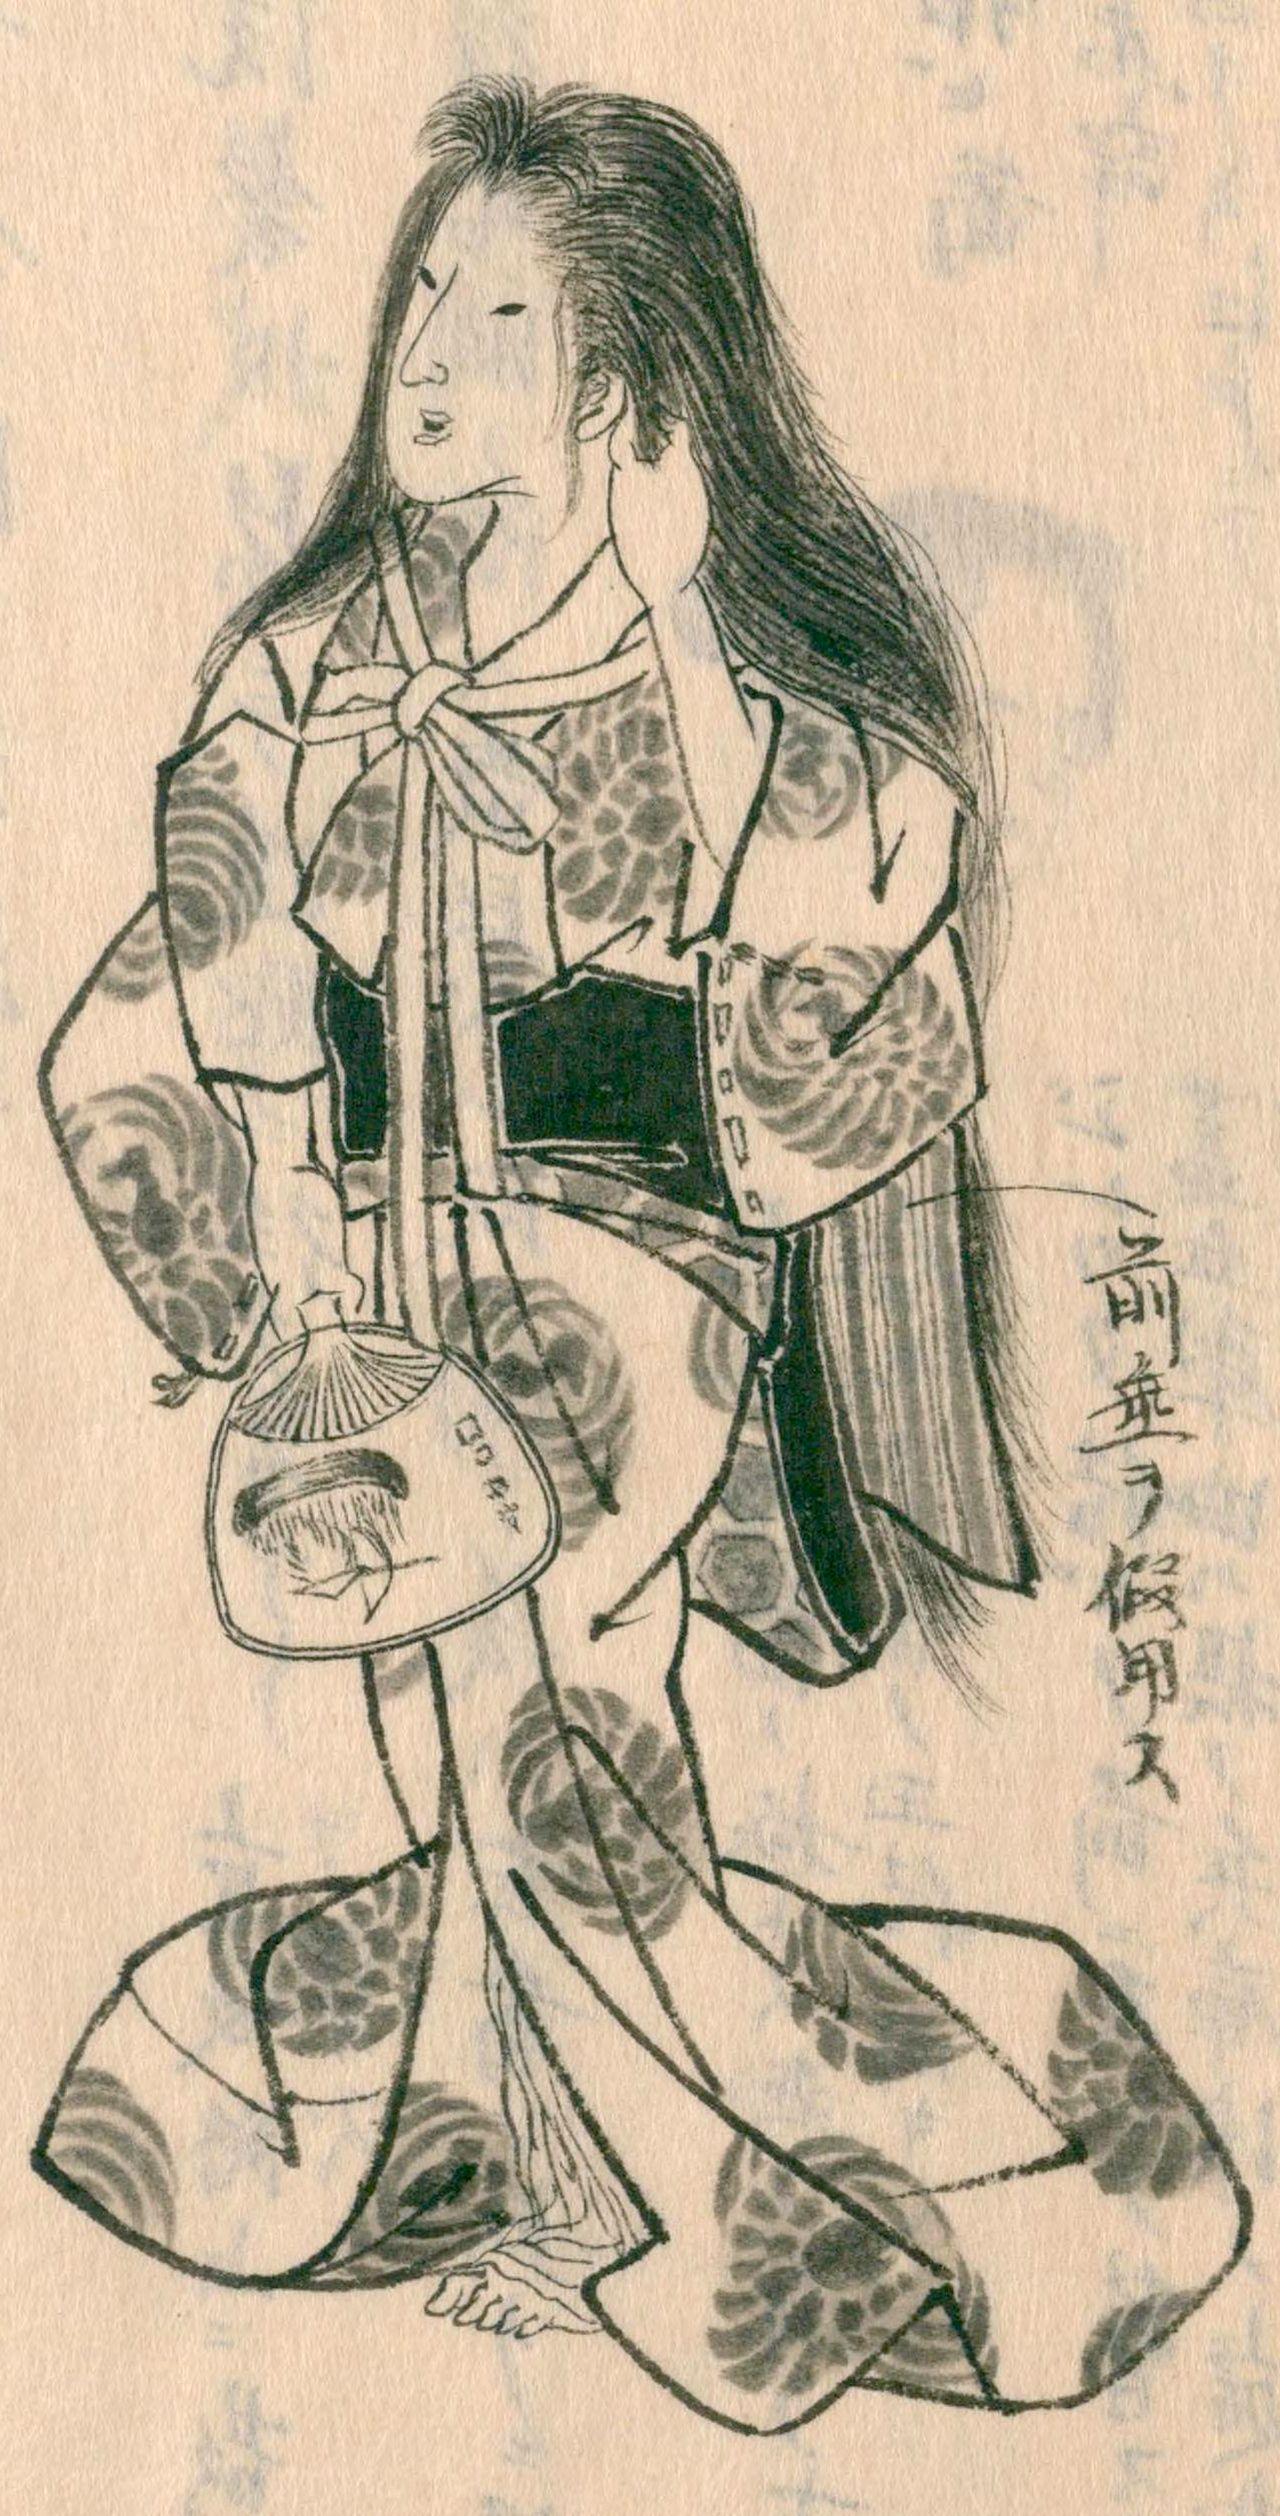 Китагава Морисада, «Мытьё волос», весьма эротичное изображение женщины после ванны